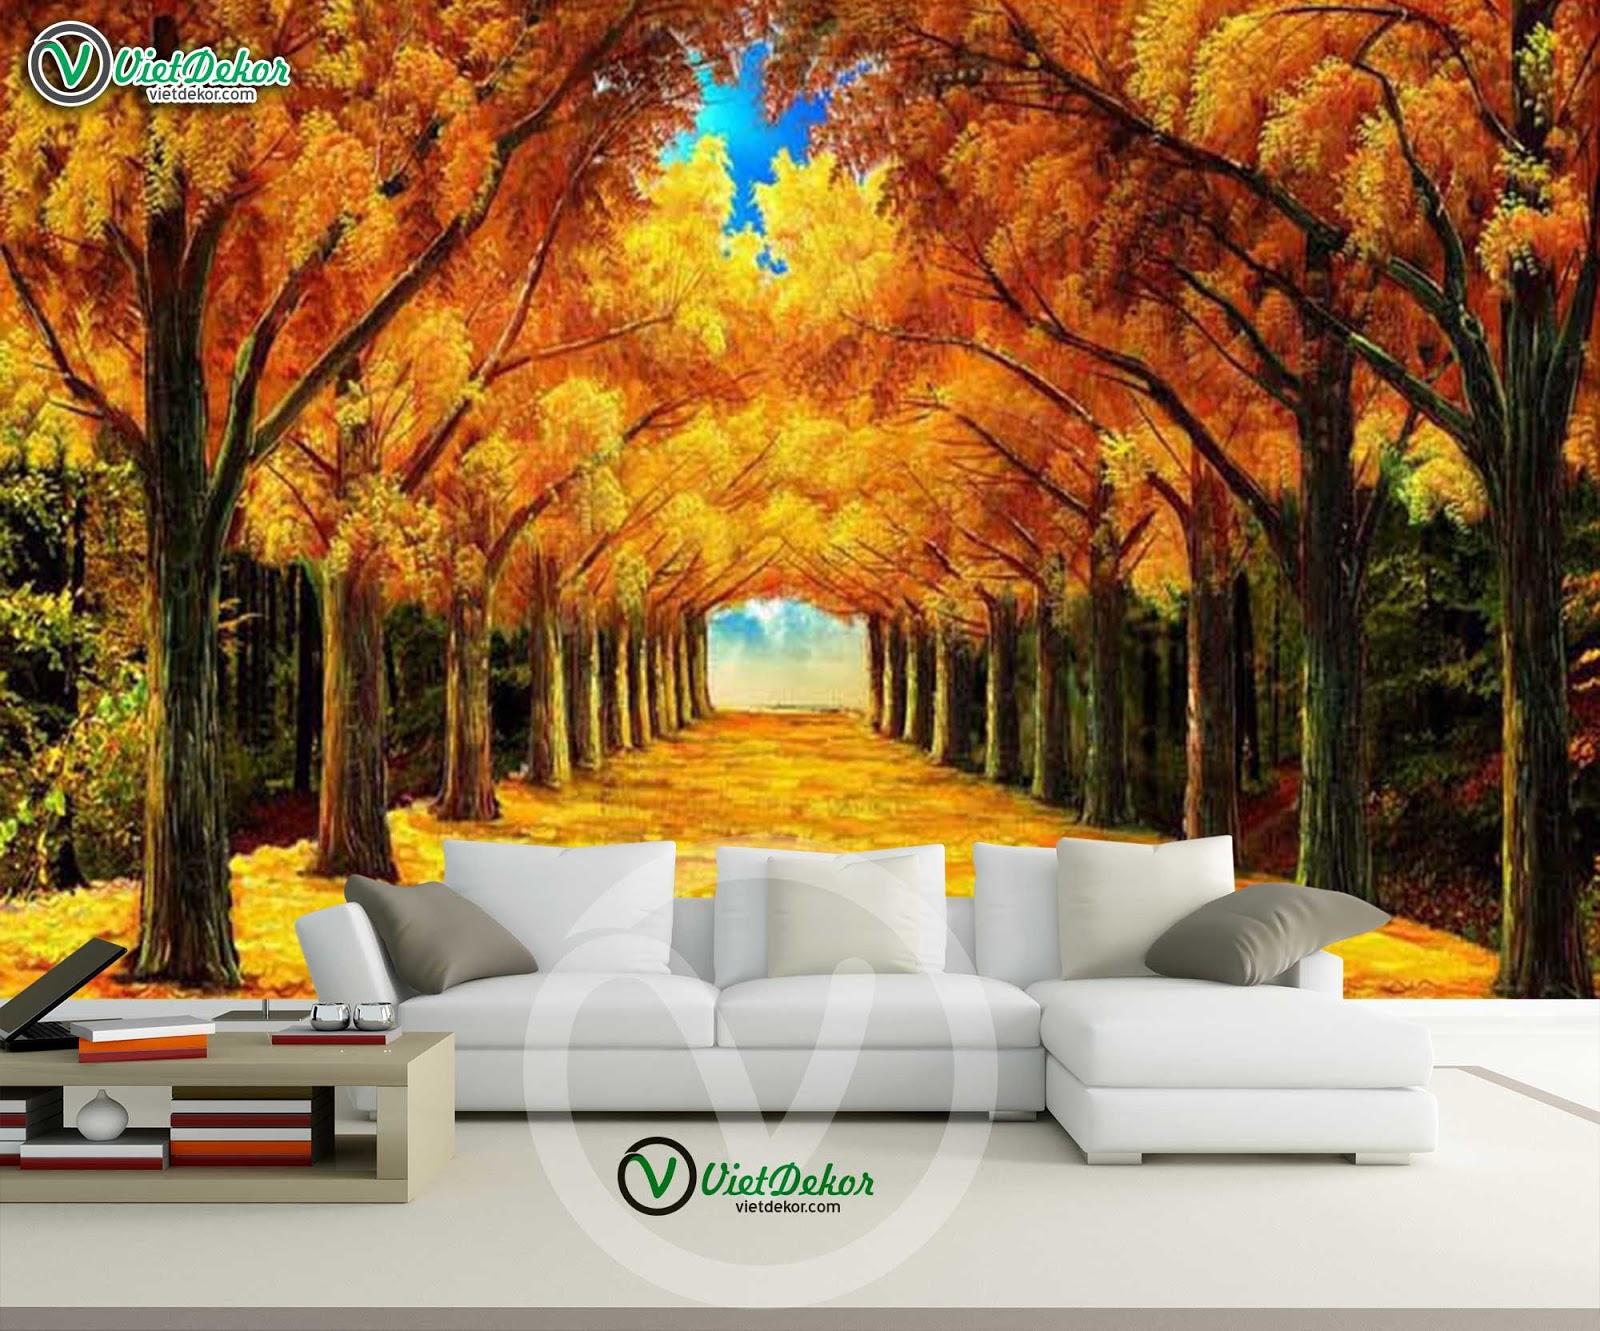 Tranh dán tường phong cảnh cánh rừng cảnh mùa xuân